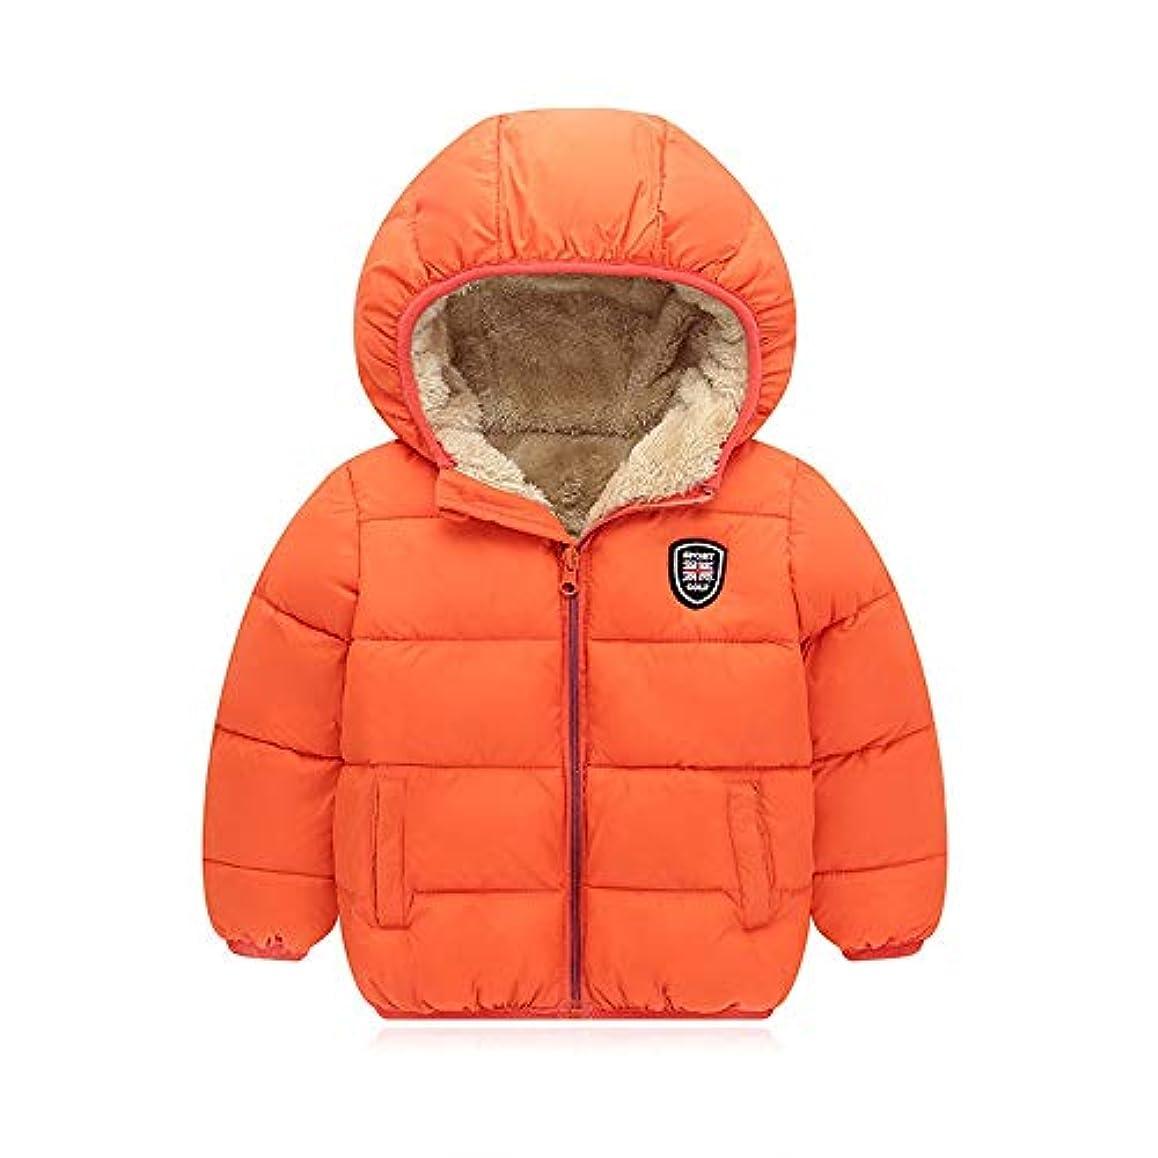 かみそり信じられない警察ベビーコート フードコート暖かい厚手の冬のコートのジャケットで男の赤ちゃんの女の赤ちゃんフード付きジャケット (Color : Orange, Size : 130cm)